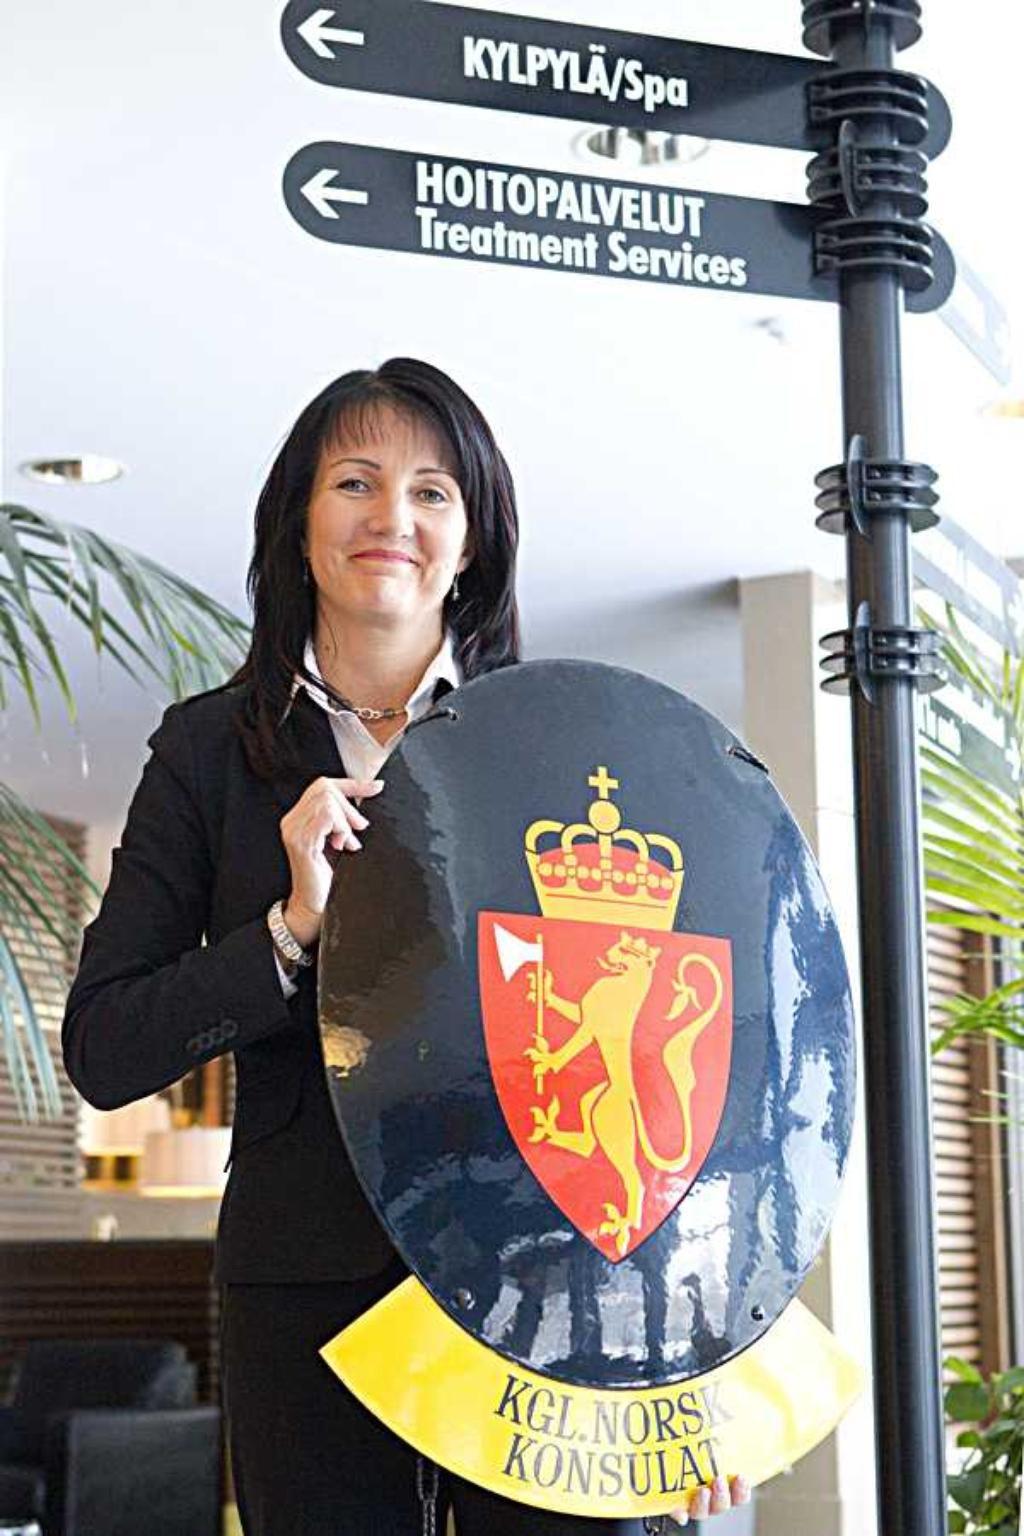 Ouluun uusi kunniakonsuli  Oulu  Kaleva fi